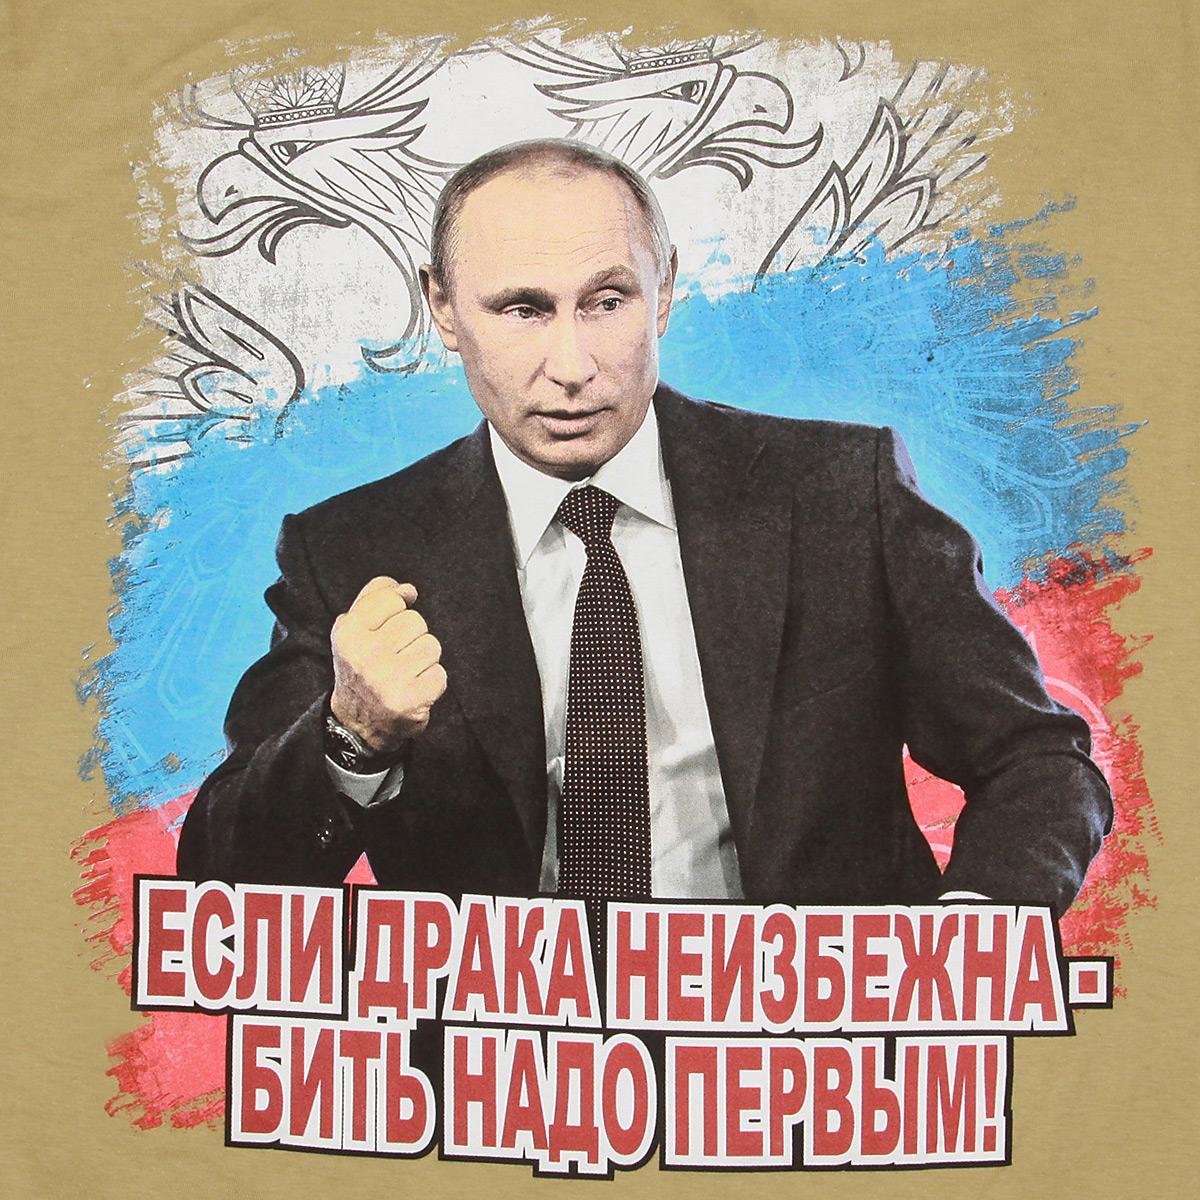 """Футболка """"Путин сказал надо бить первым"""" - принт"""